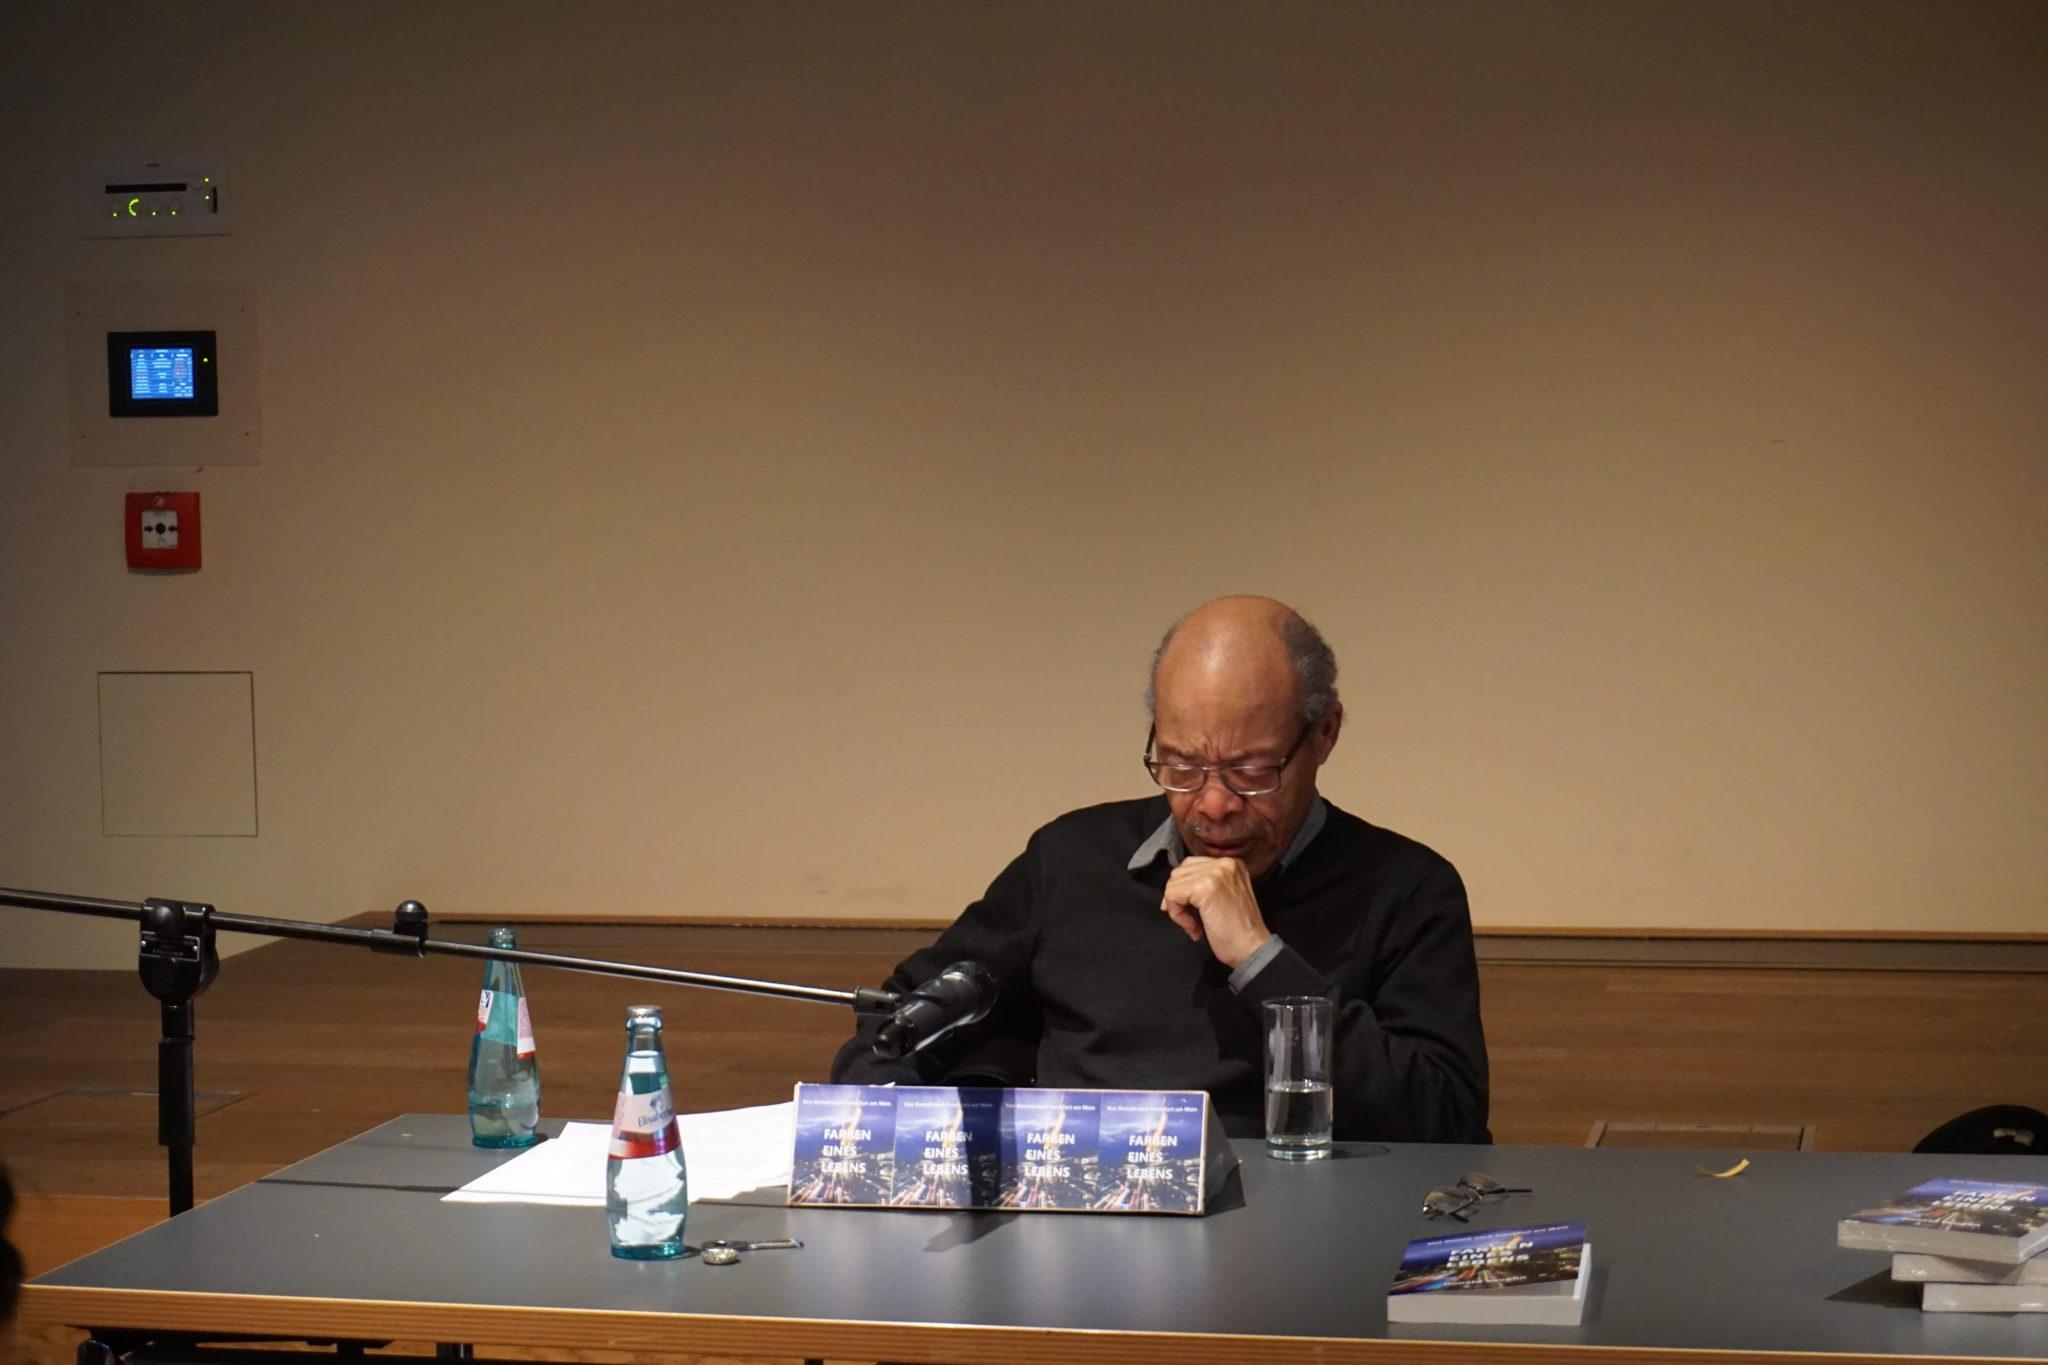 historisches museum frankfurt: Lesung mit Donald Vaughn, Foto: A. Dori